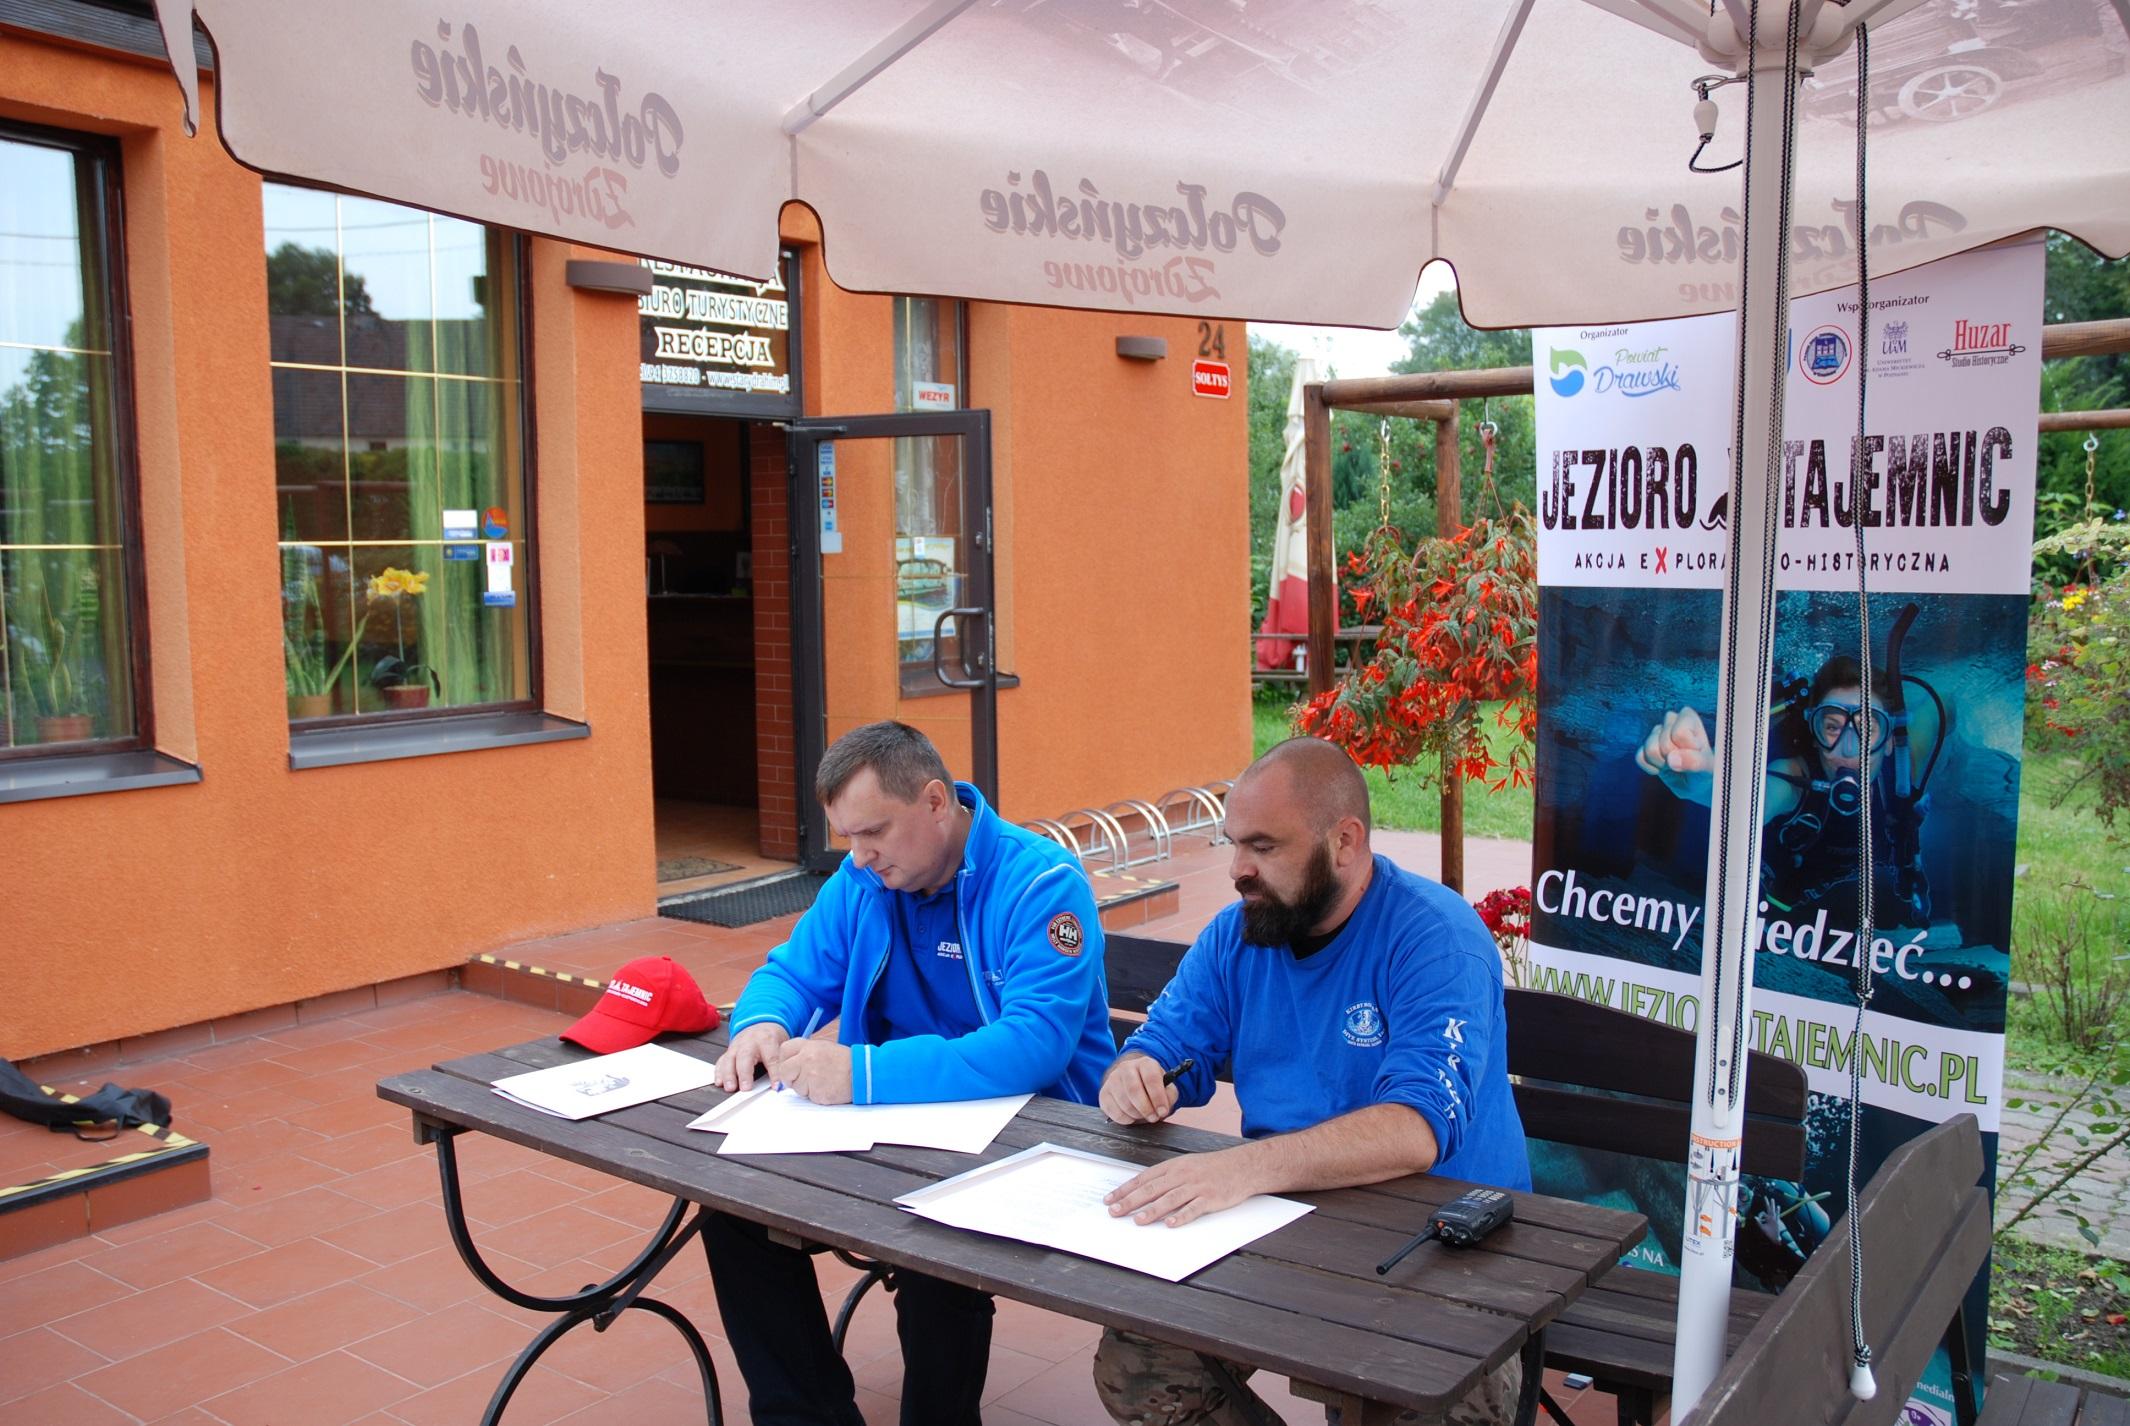 Podpisanie deklaracji sponsorskiej przed restauracją Stary Drahim